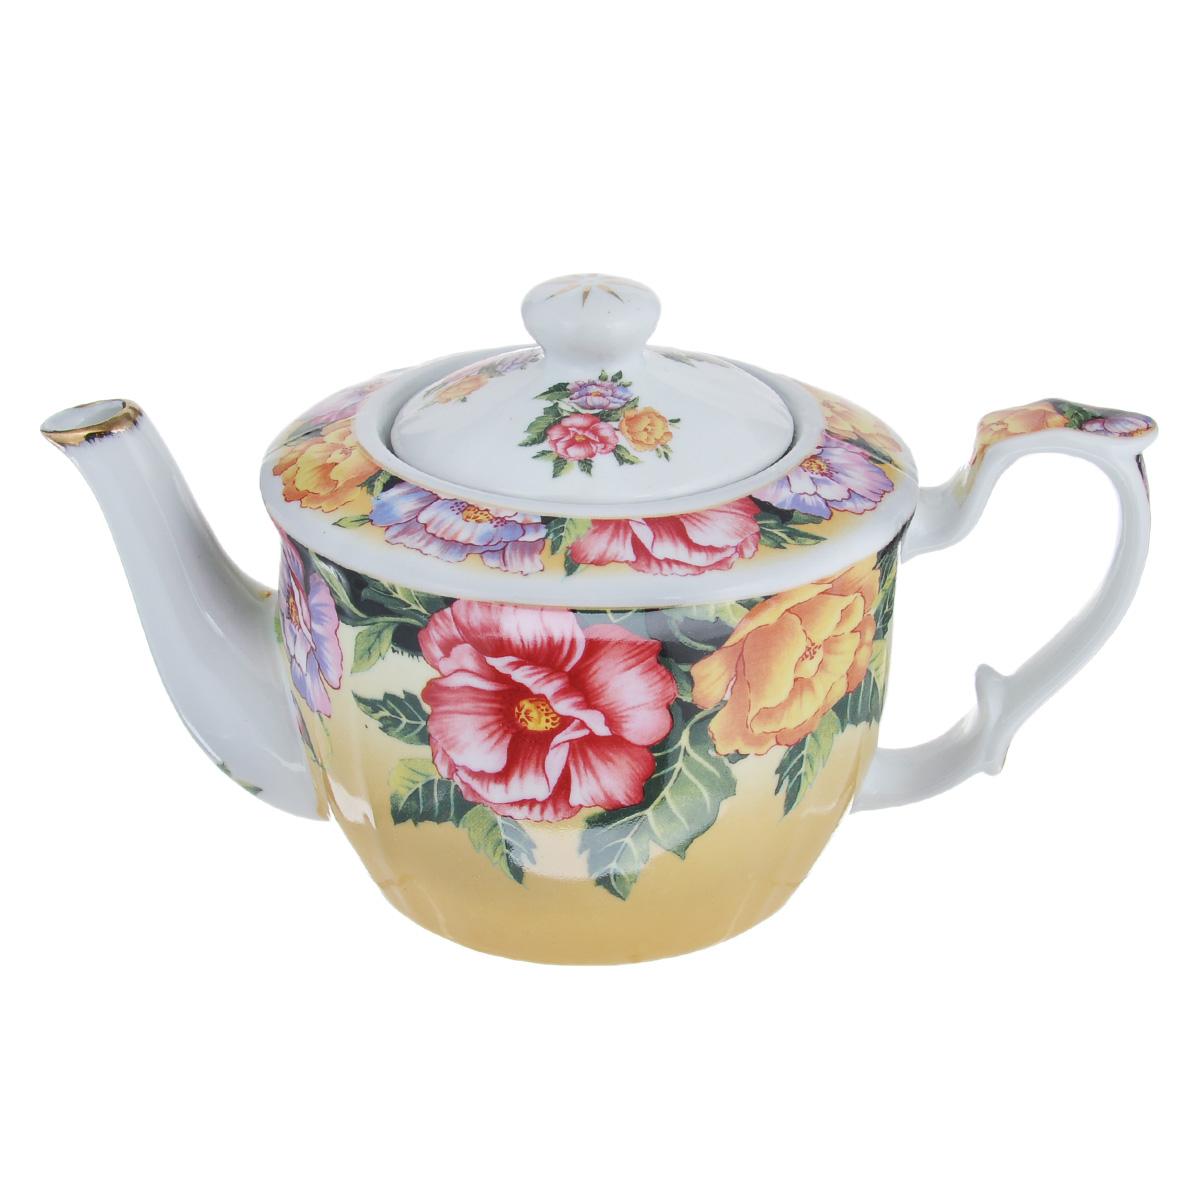 Чайник заварочный Lillo, 850 мл. С-1С-1Чайник заварочный Lillo изготовлен из высококачественной керамики. Изделие декорировано ярким цветочным принтом. Носик чайника сверху покрыт золотистой эмалью. Чайник станет отличным дополнением к вашему кухонному инвентарю, а также украсит сервировку стола и подчеркнет прекрасный вкус хозяина. Можно использовать в посудомоечной машине. Не использовать в микроволновой печи. Диаметр чайника (по верхнему краю): 7,5 см. Диаметр основания чайника: 9 см. Высота чайника (без учета крышки и ручки): 11 см.